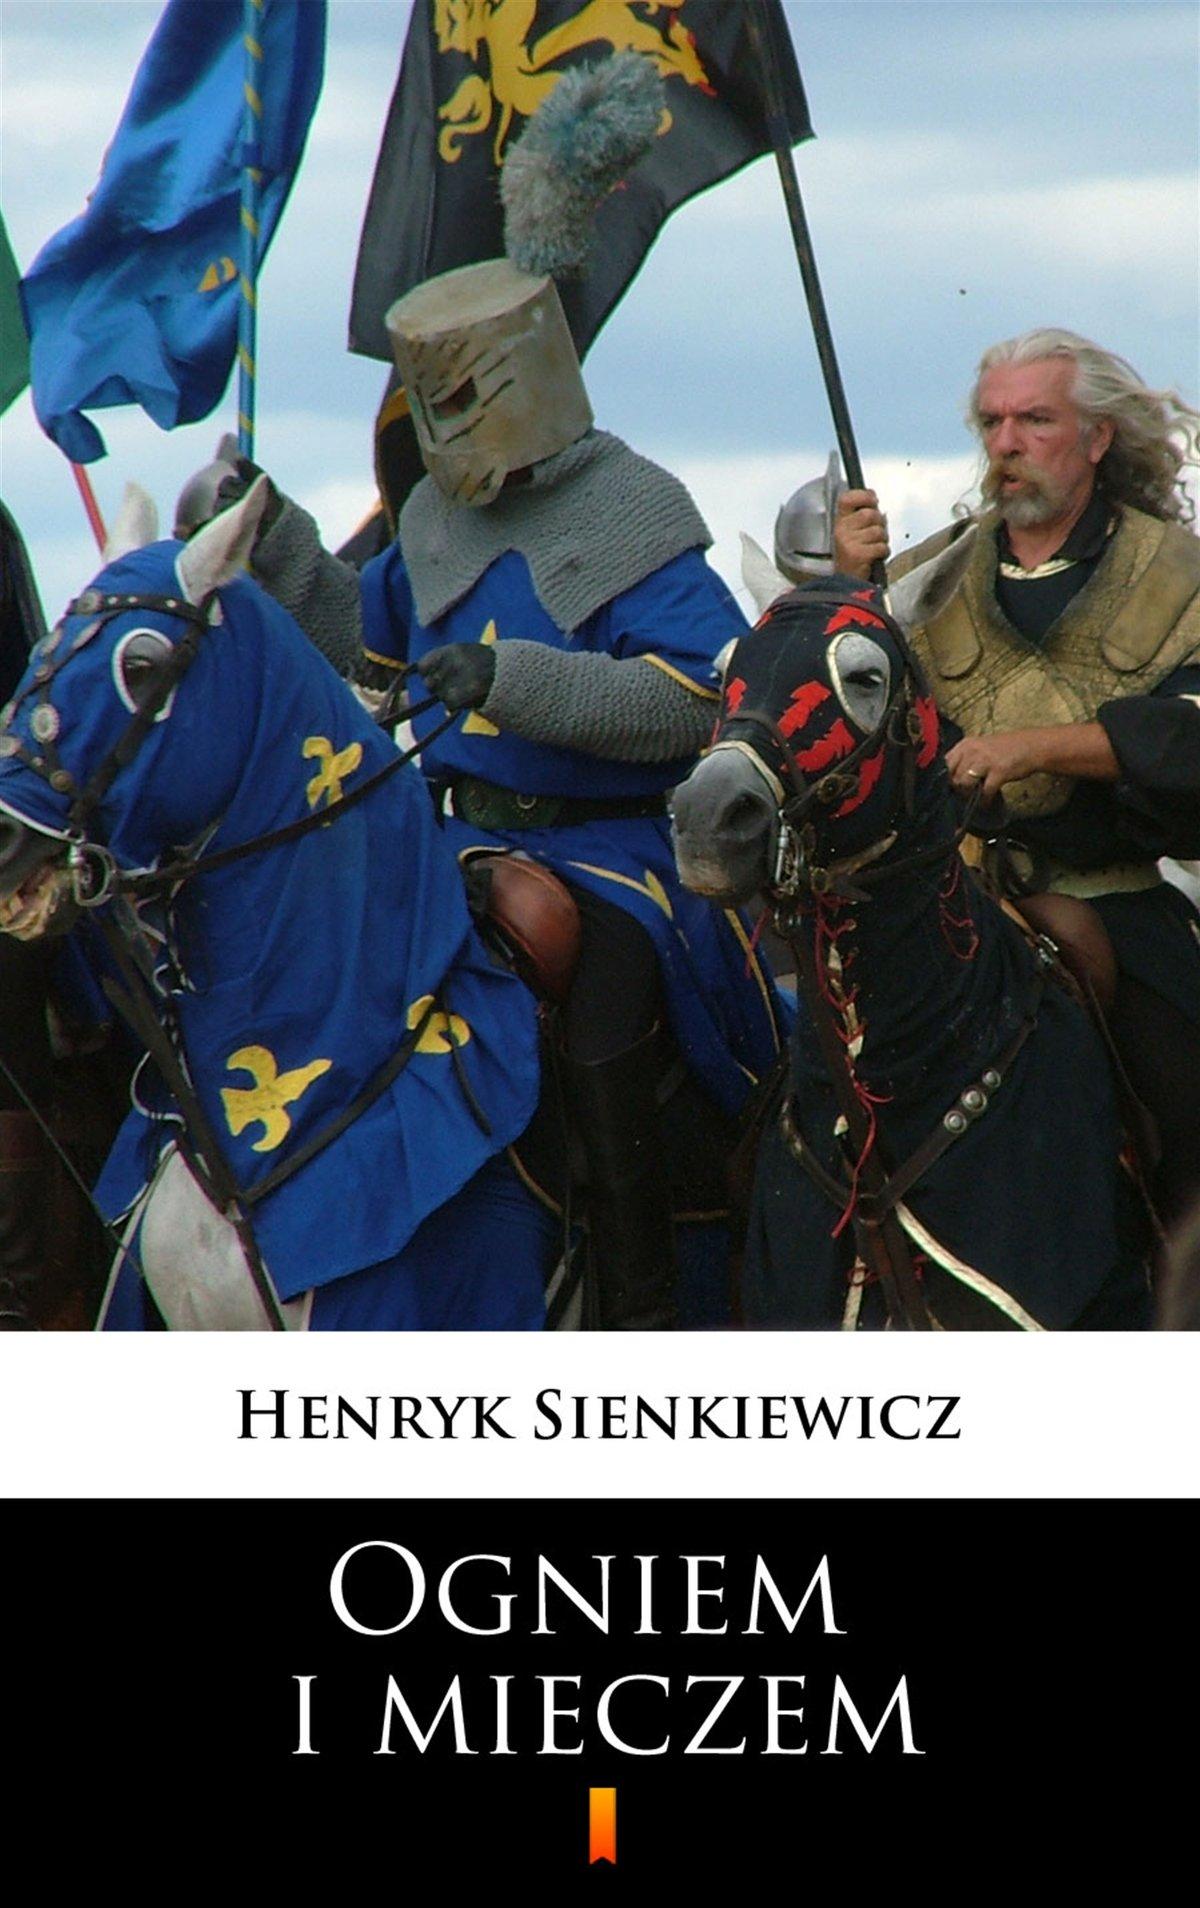 Ogniem i mieczem - Ebook (Książka EPUB) do pobrania w formacie EPUB